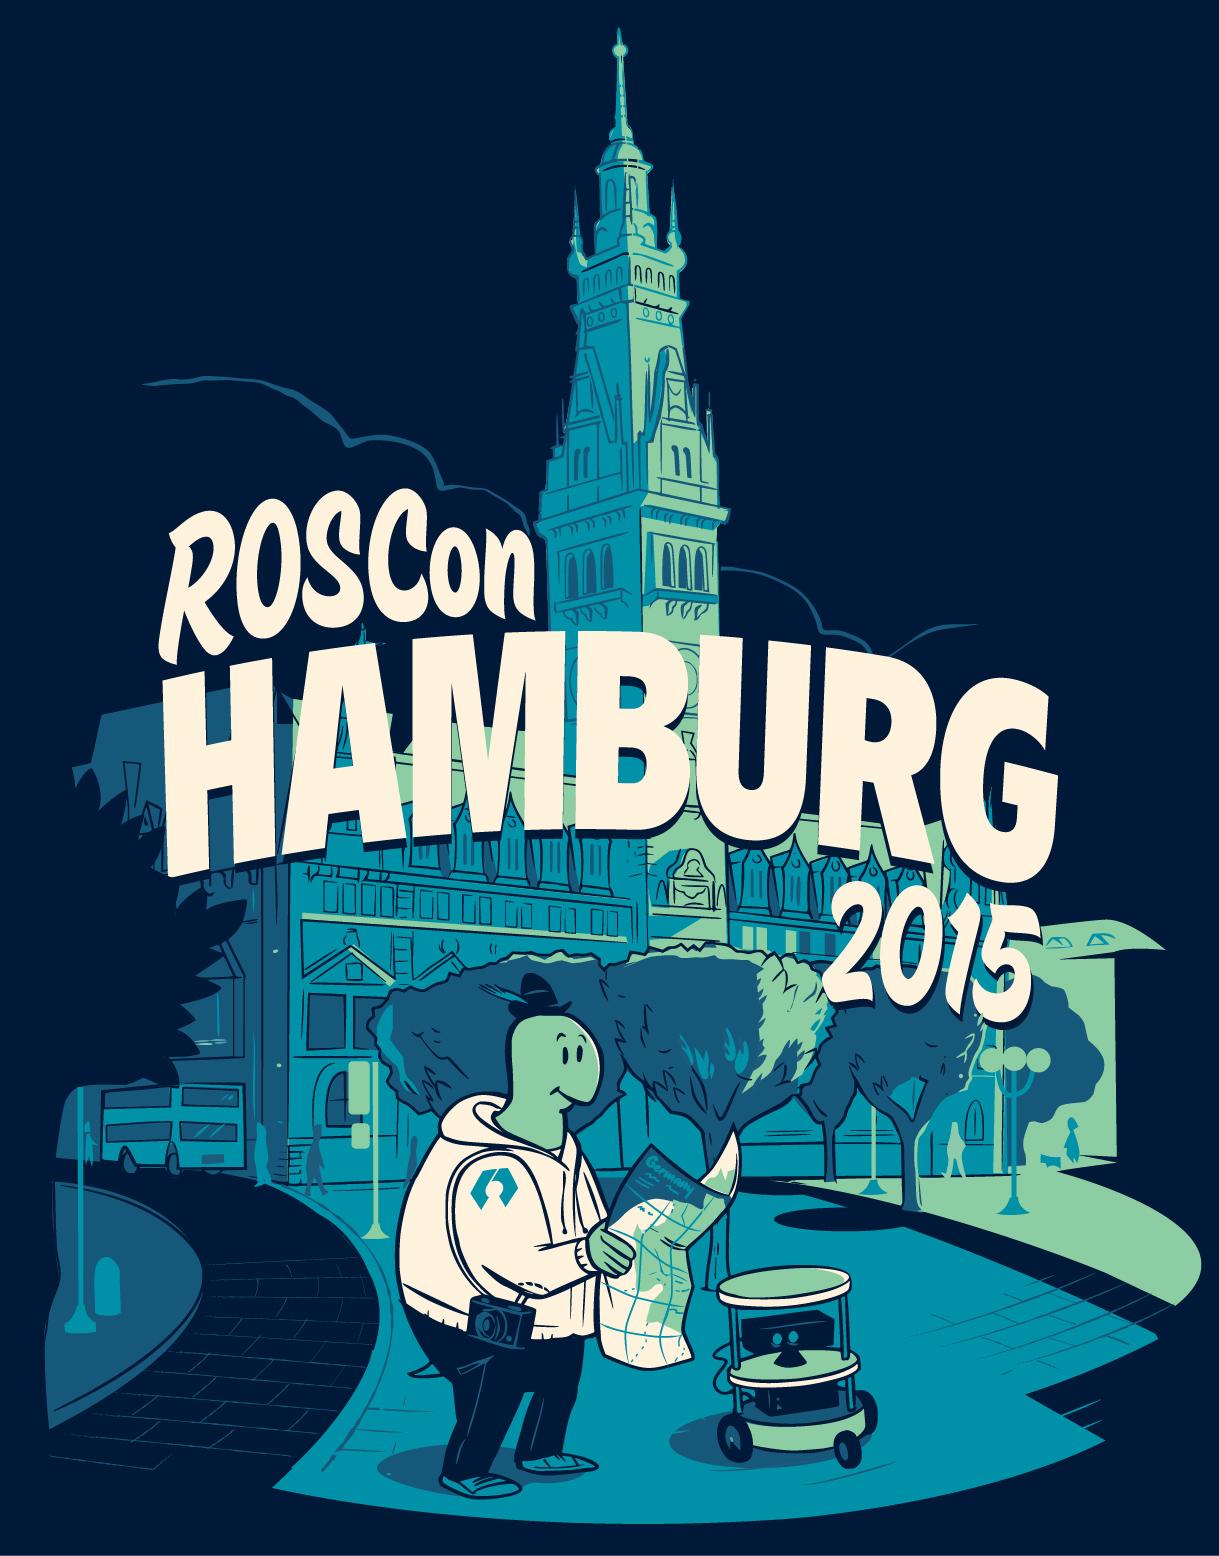 ROSCon2015